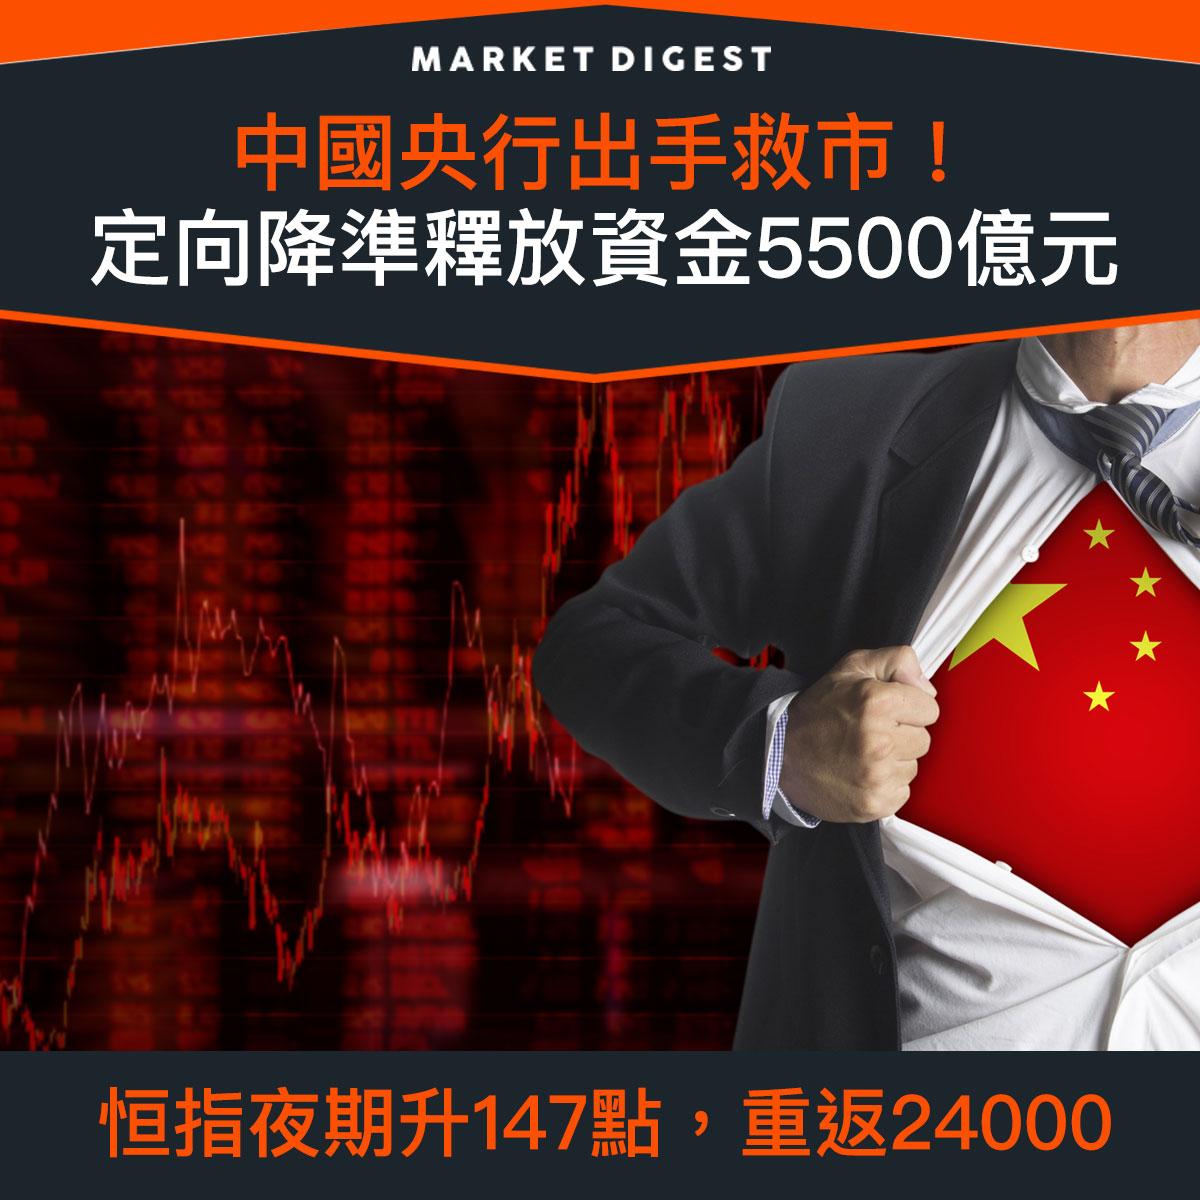 【市場熱話】中國央行出手救市!定向降準釋放資金5500億元